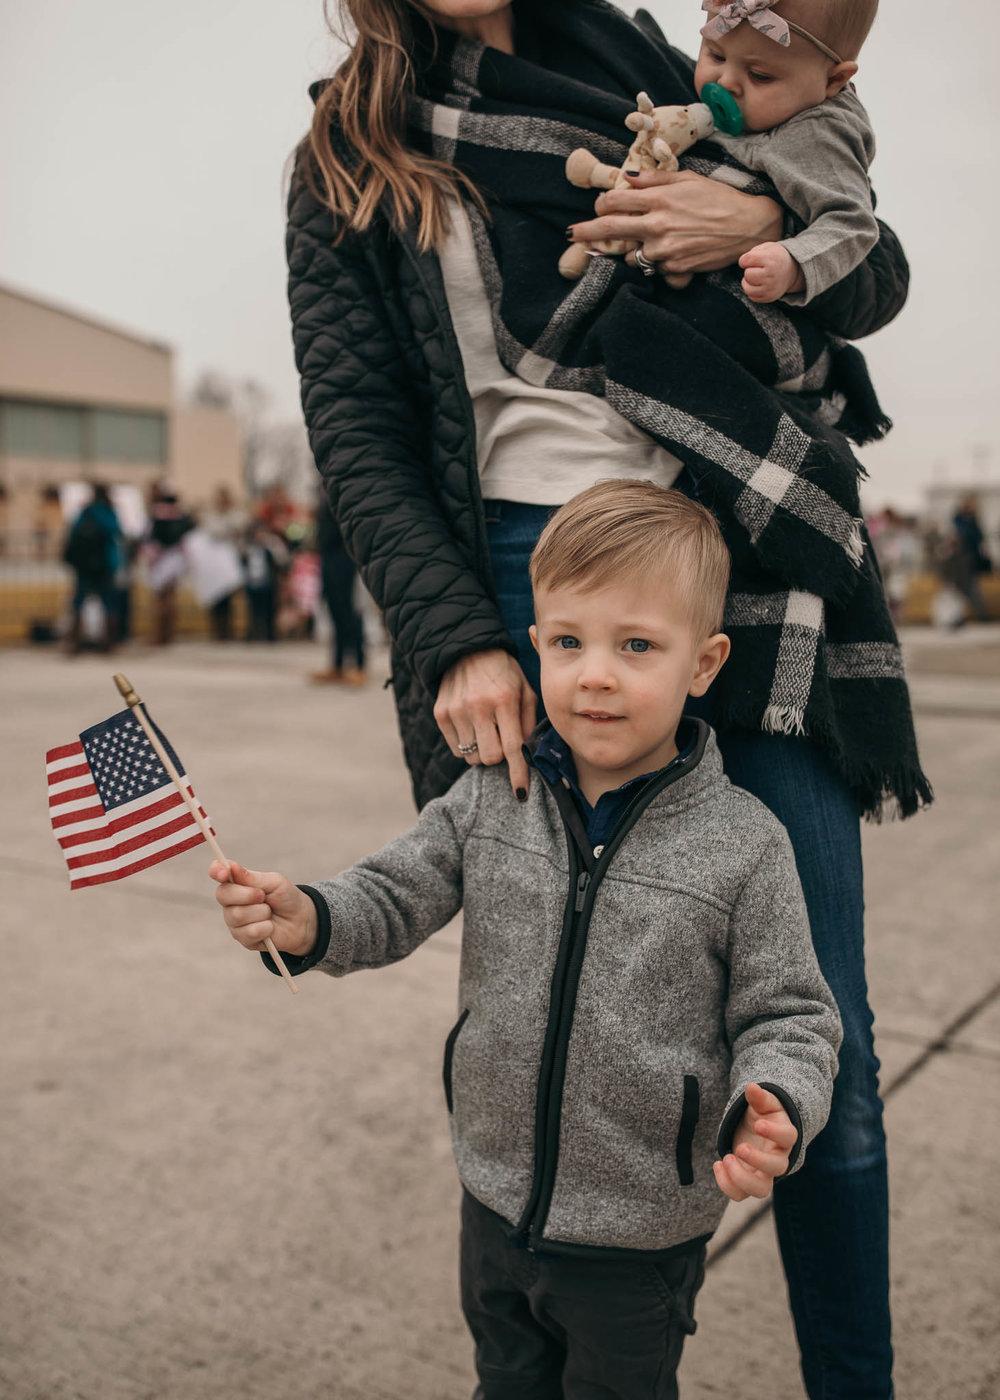 Childing Holding Flag